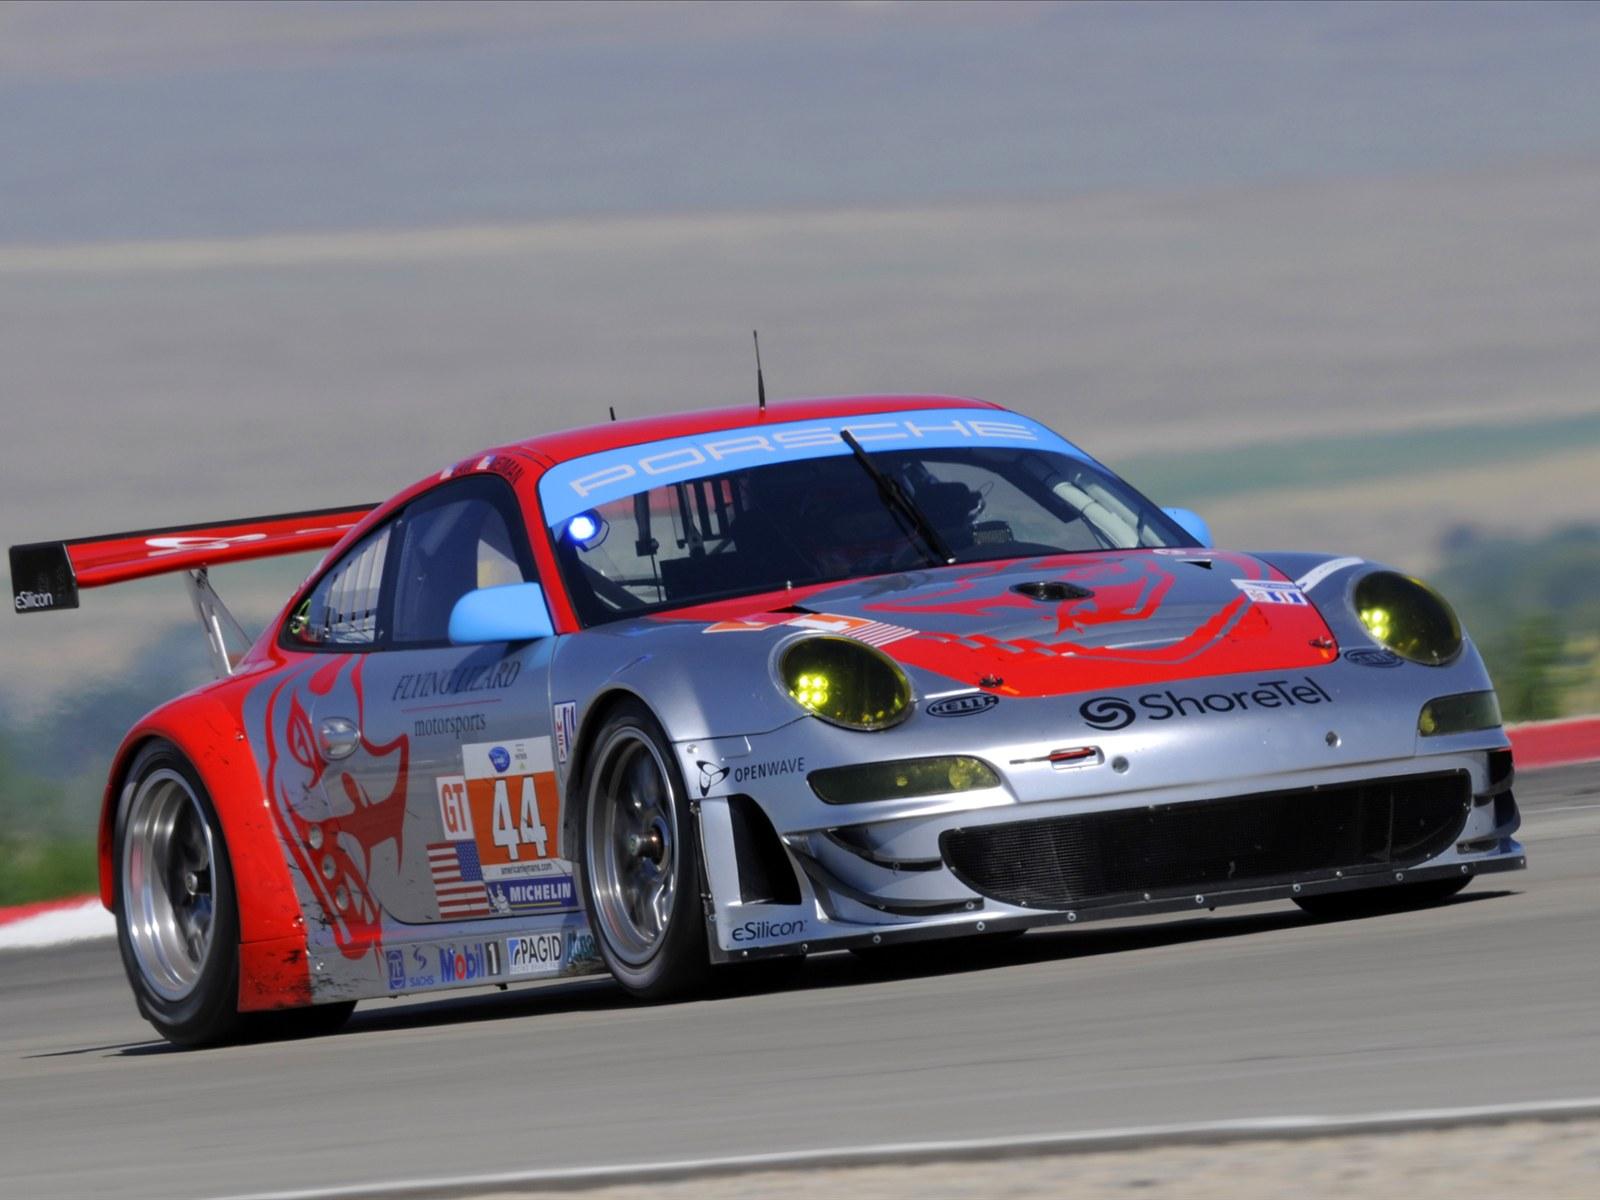 Download HQ Porsche Racing Cars Wallpaper Num 15 1600 x 1200 1600x1200